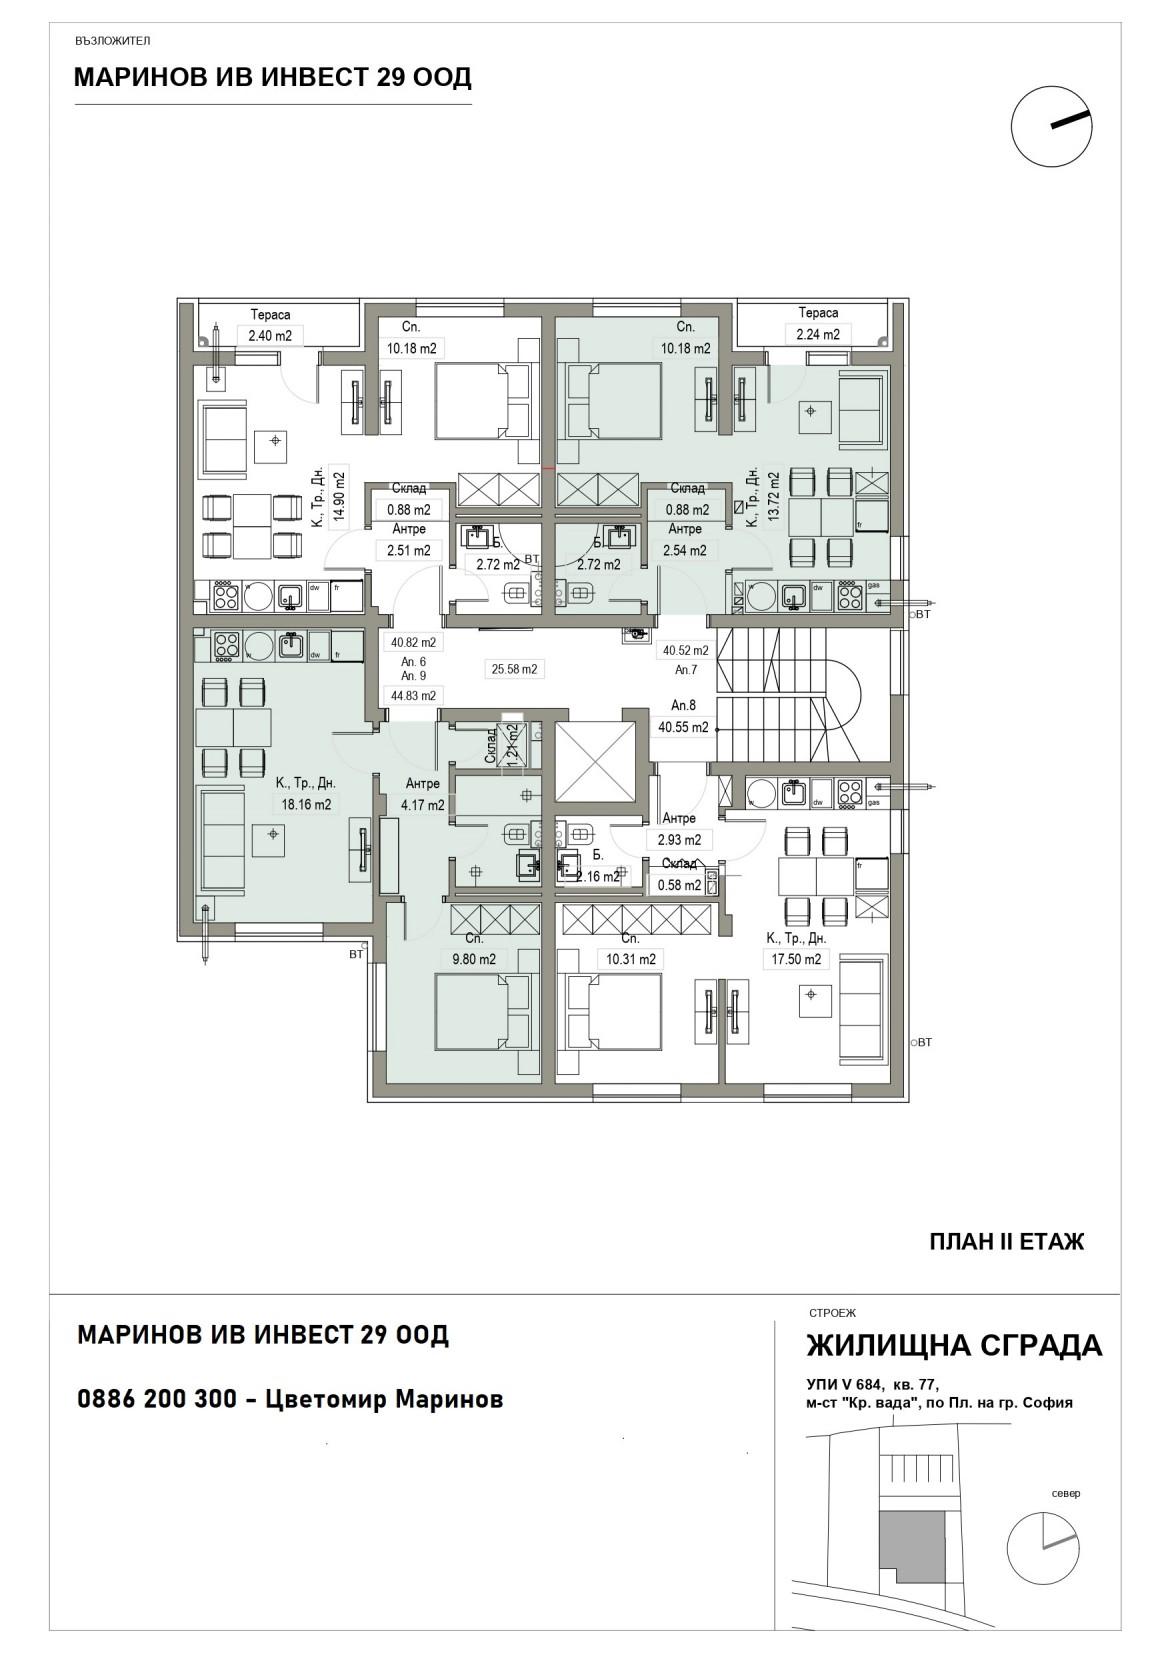 2-жилищен-етаж.jpg